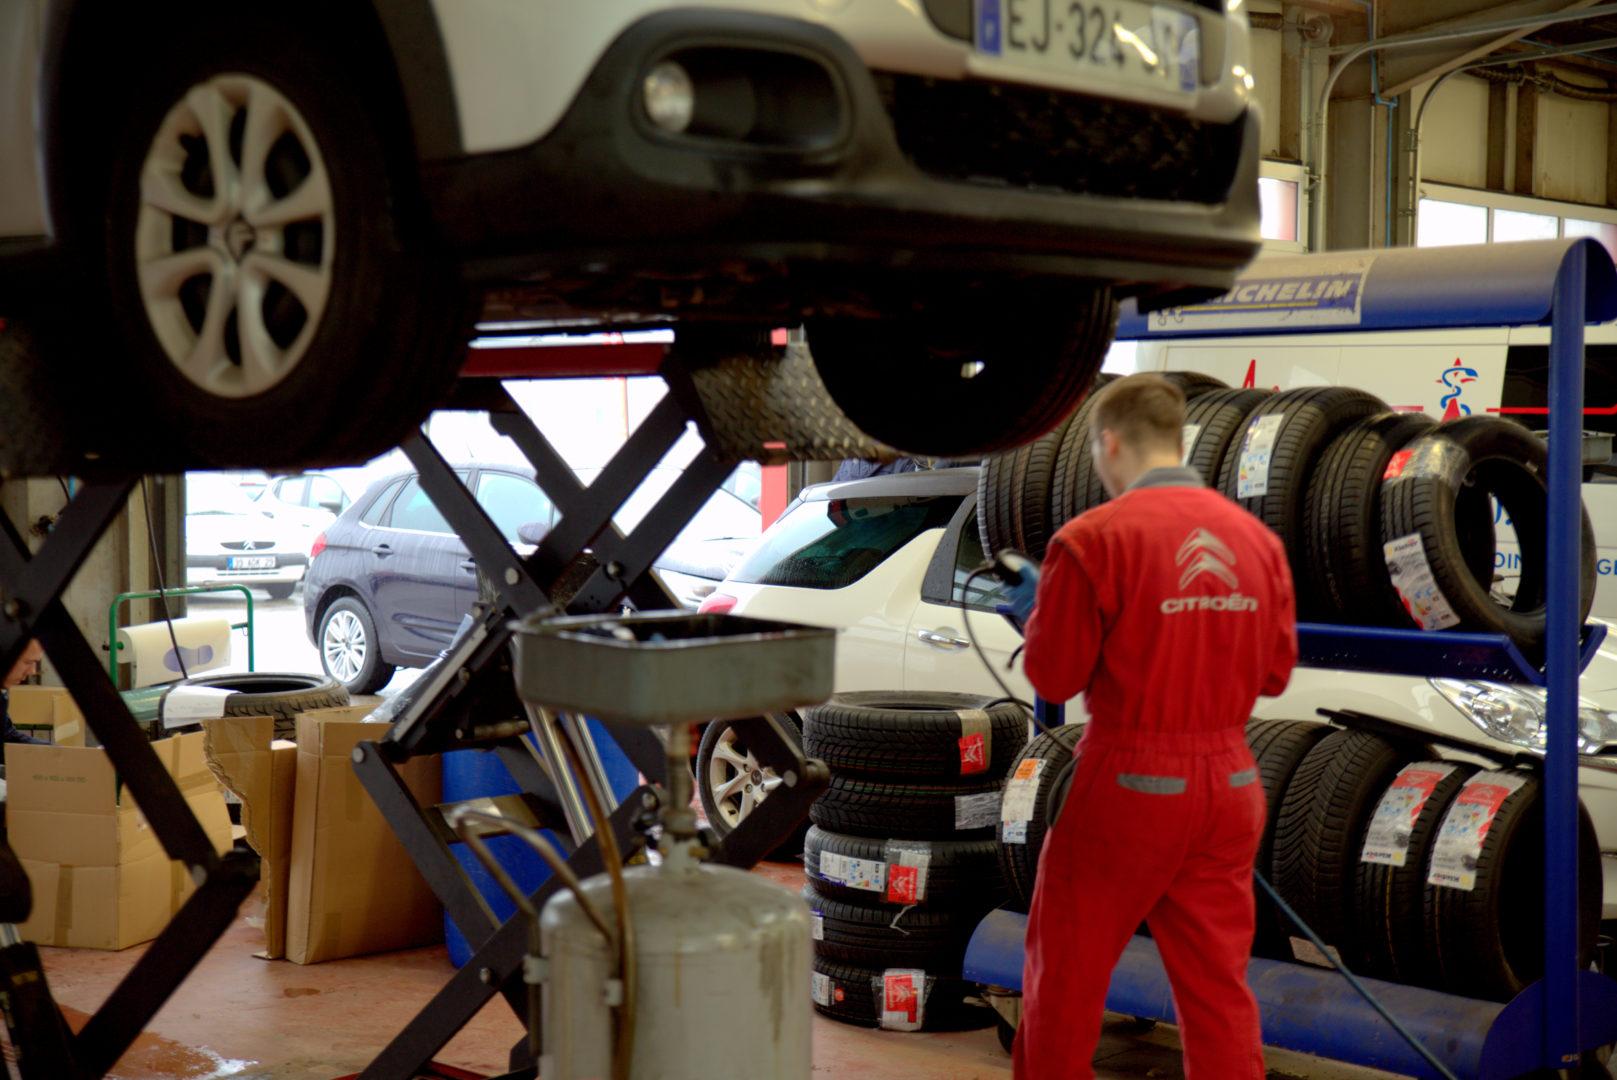 Entretien Réparation Garage Citroën Quimper 14 - Entretien et réparation